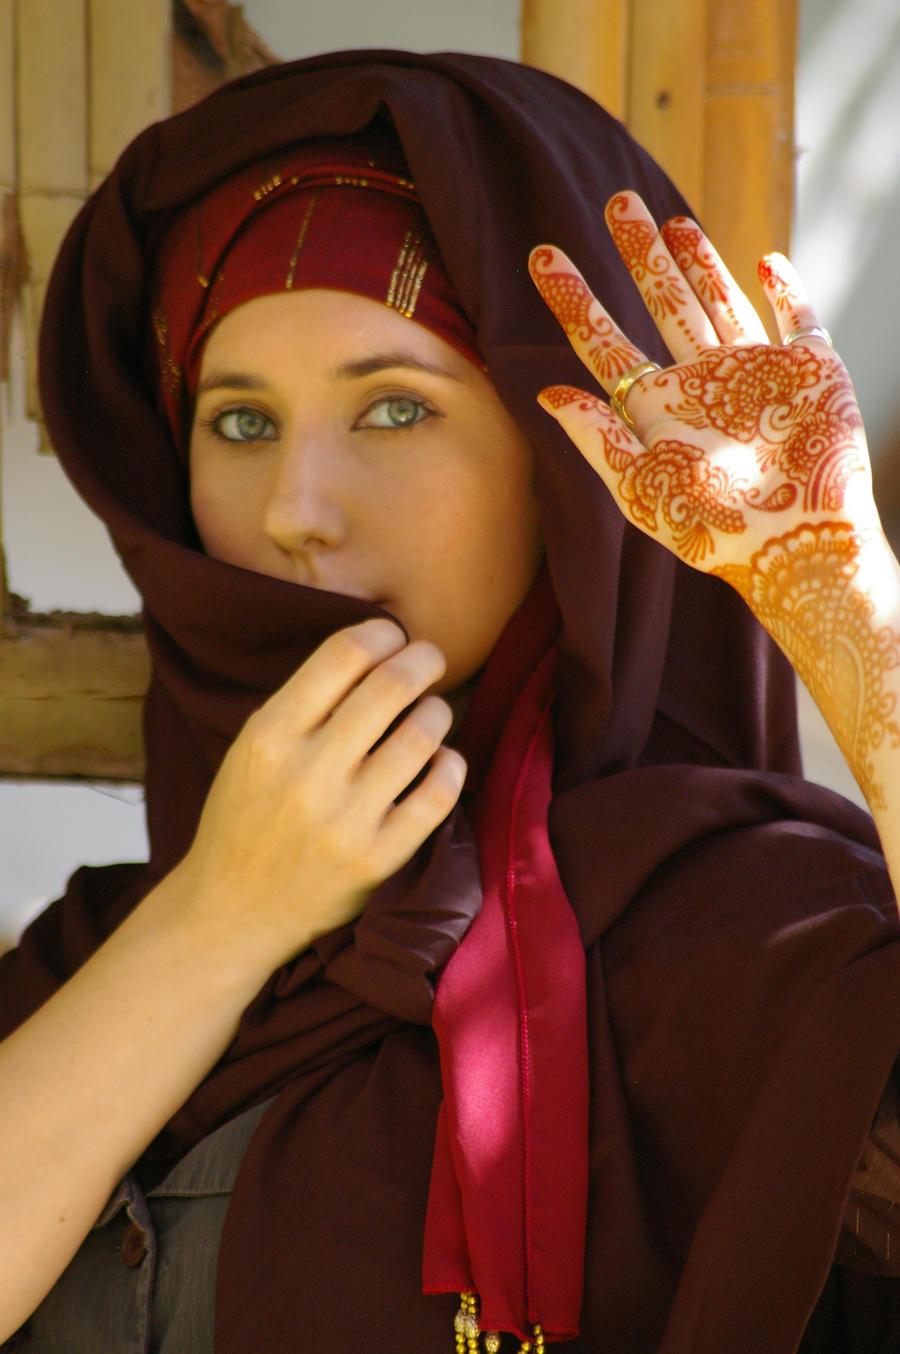 ~Arabic henna art in Bali 2~ by Emeraldserpenthenna